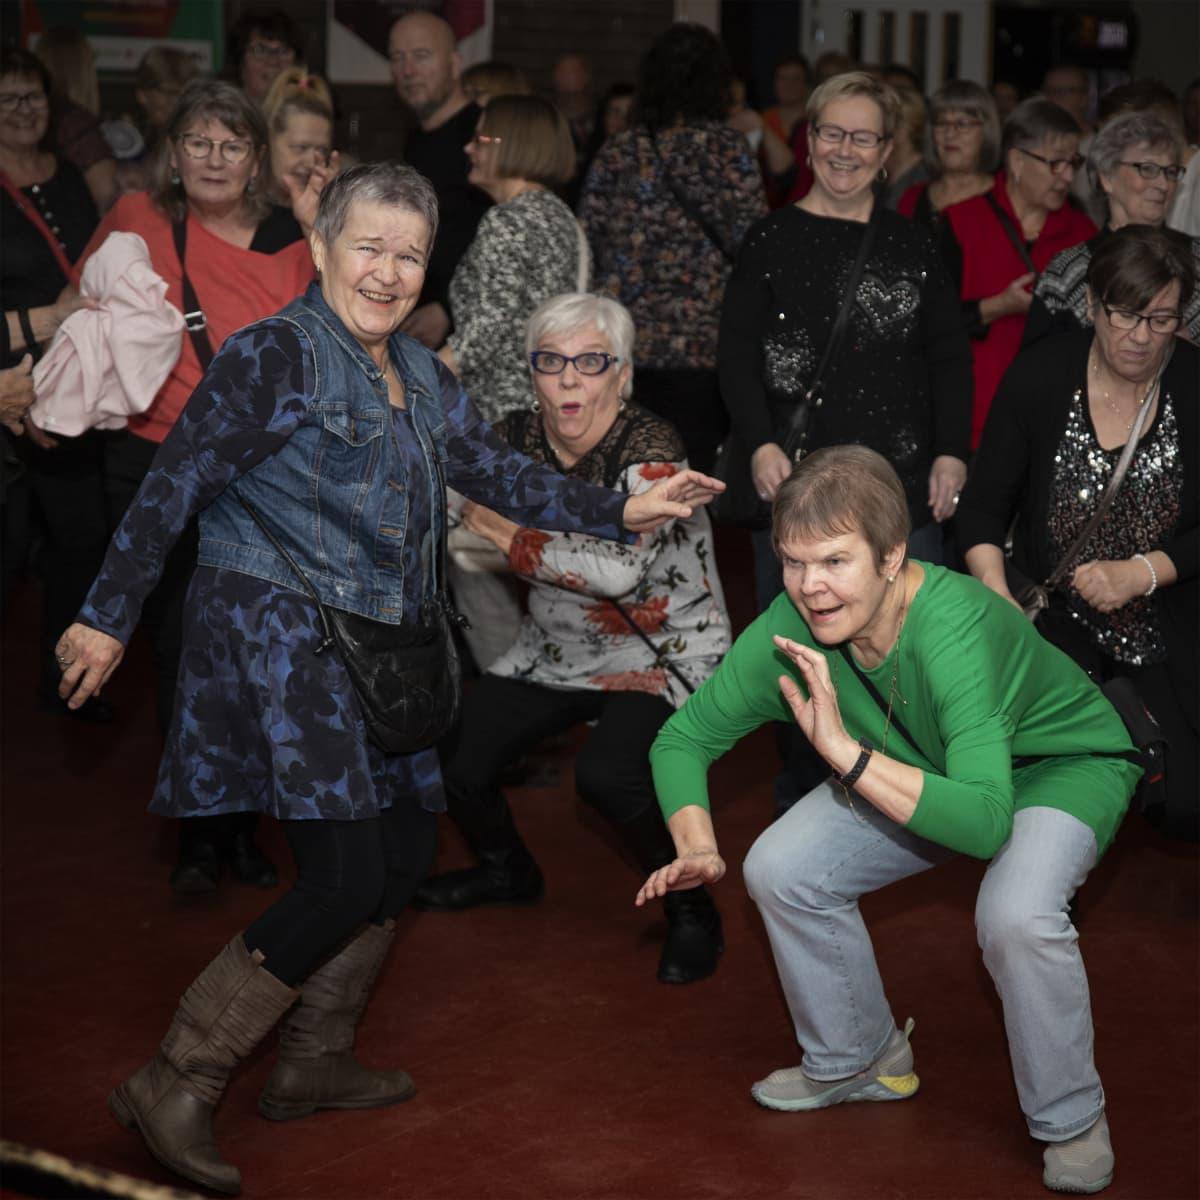 Naiset tanssivat diskossa.